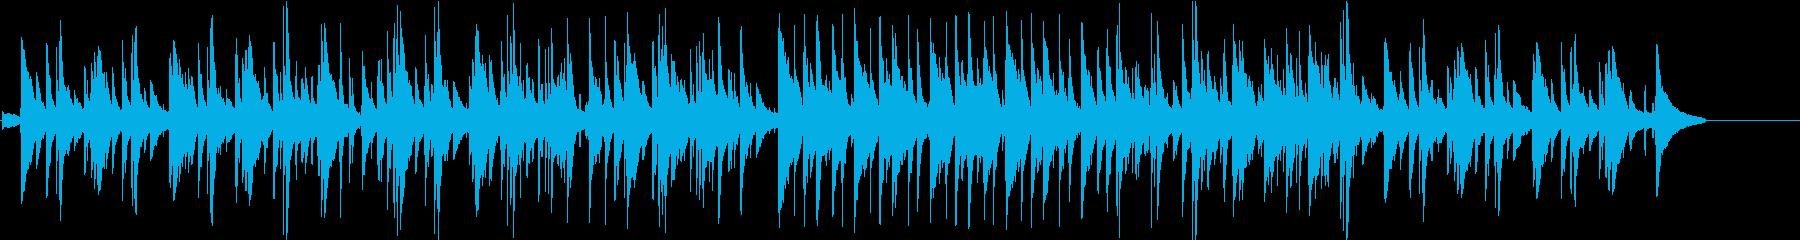 繊細で感傷的な雰囲気のピアノバラードの再生済みの波形